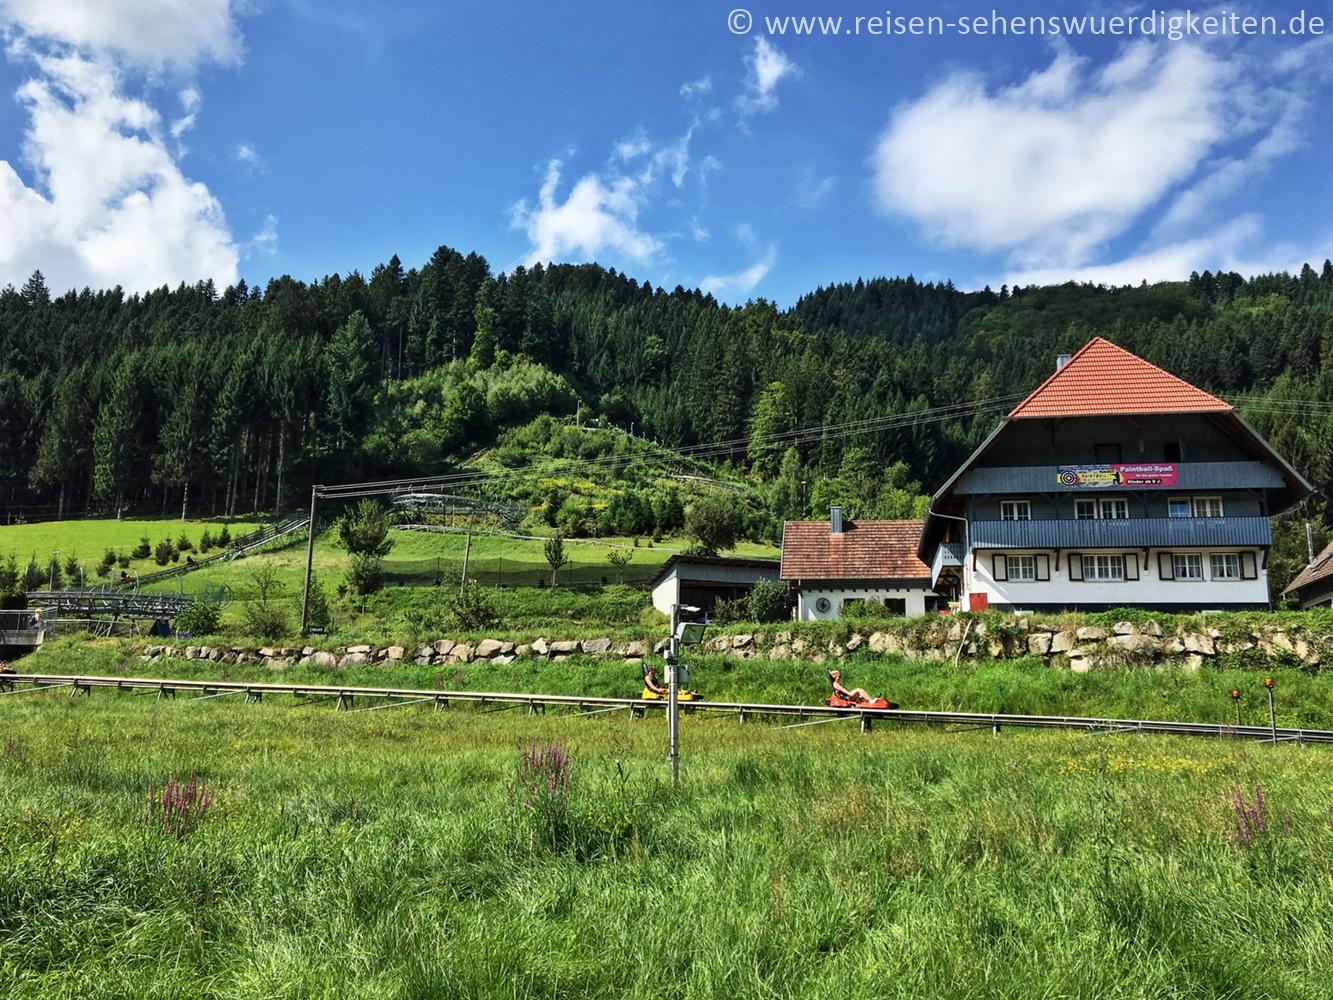 Sommerrodelbahn Gutach, Ausflugsziel im Schwarzwald